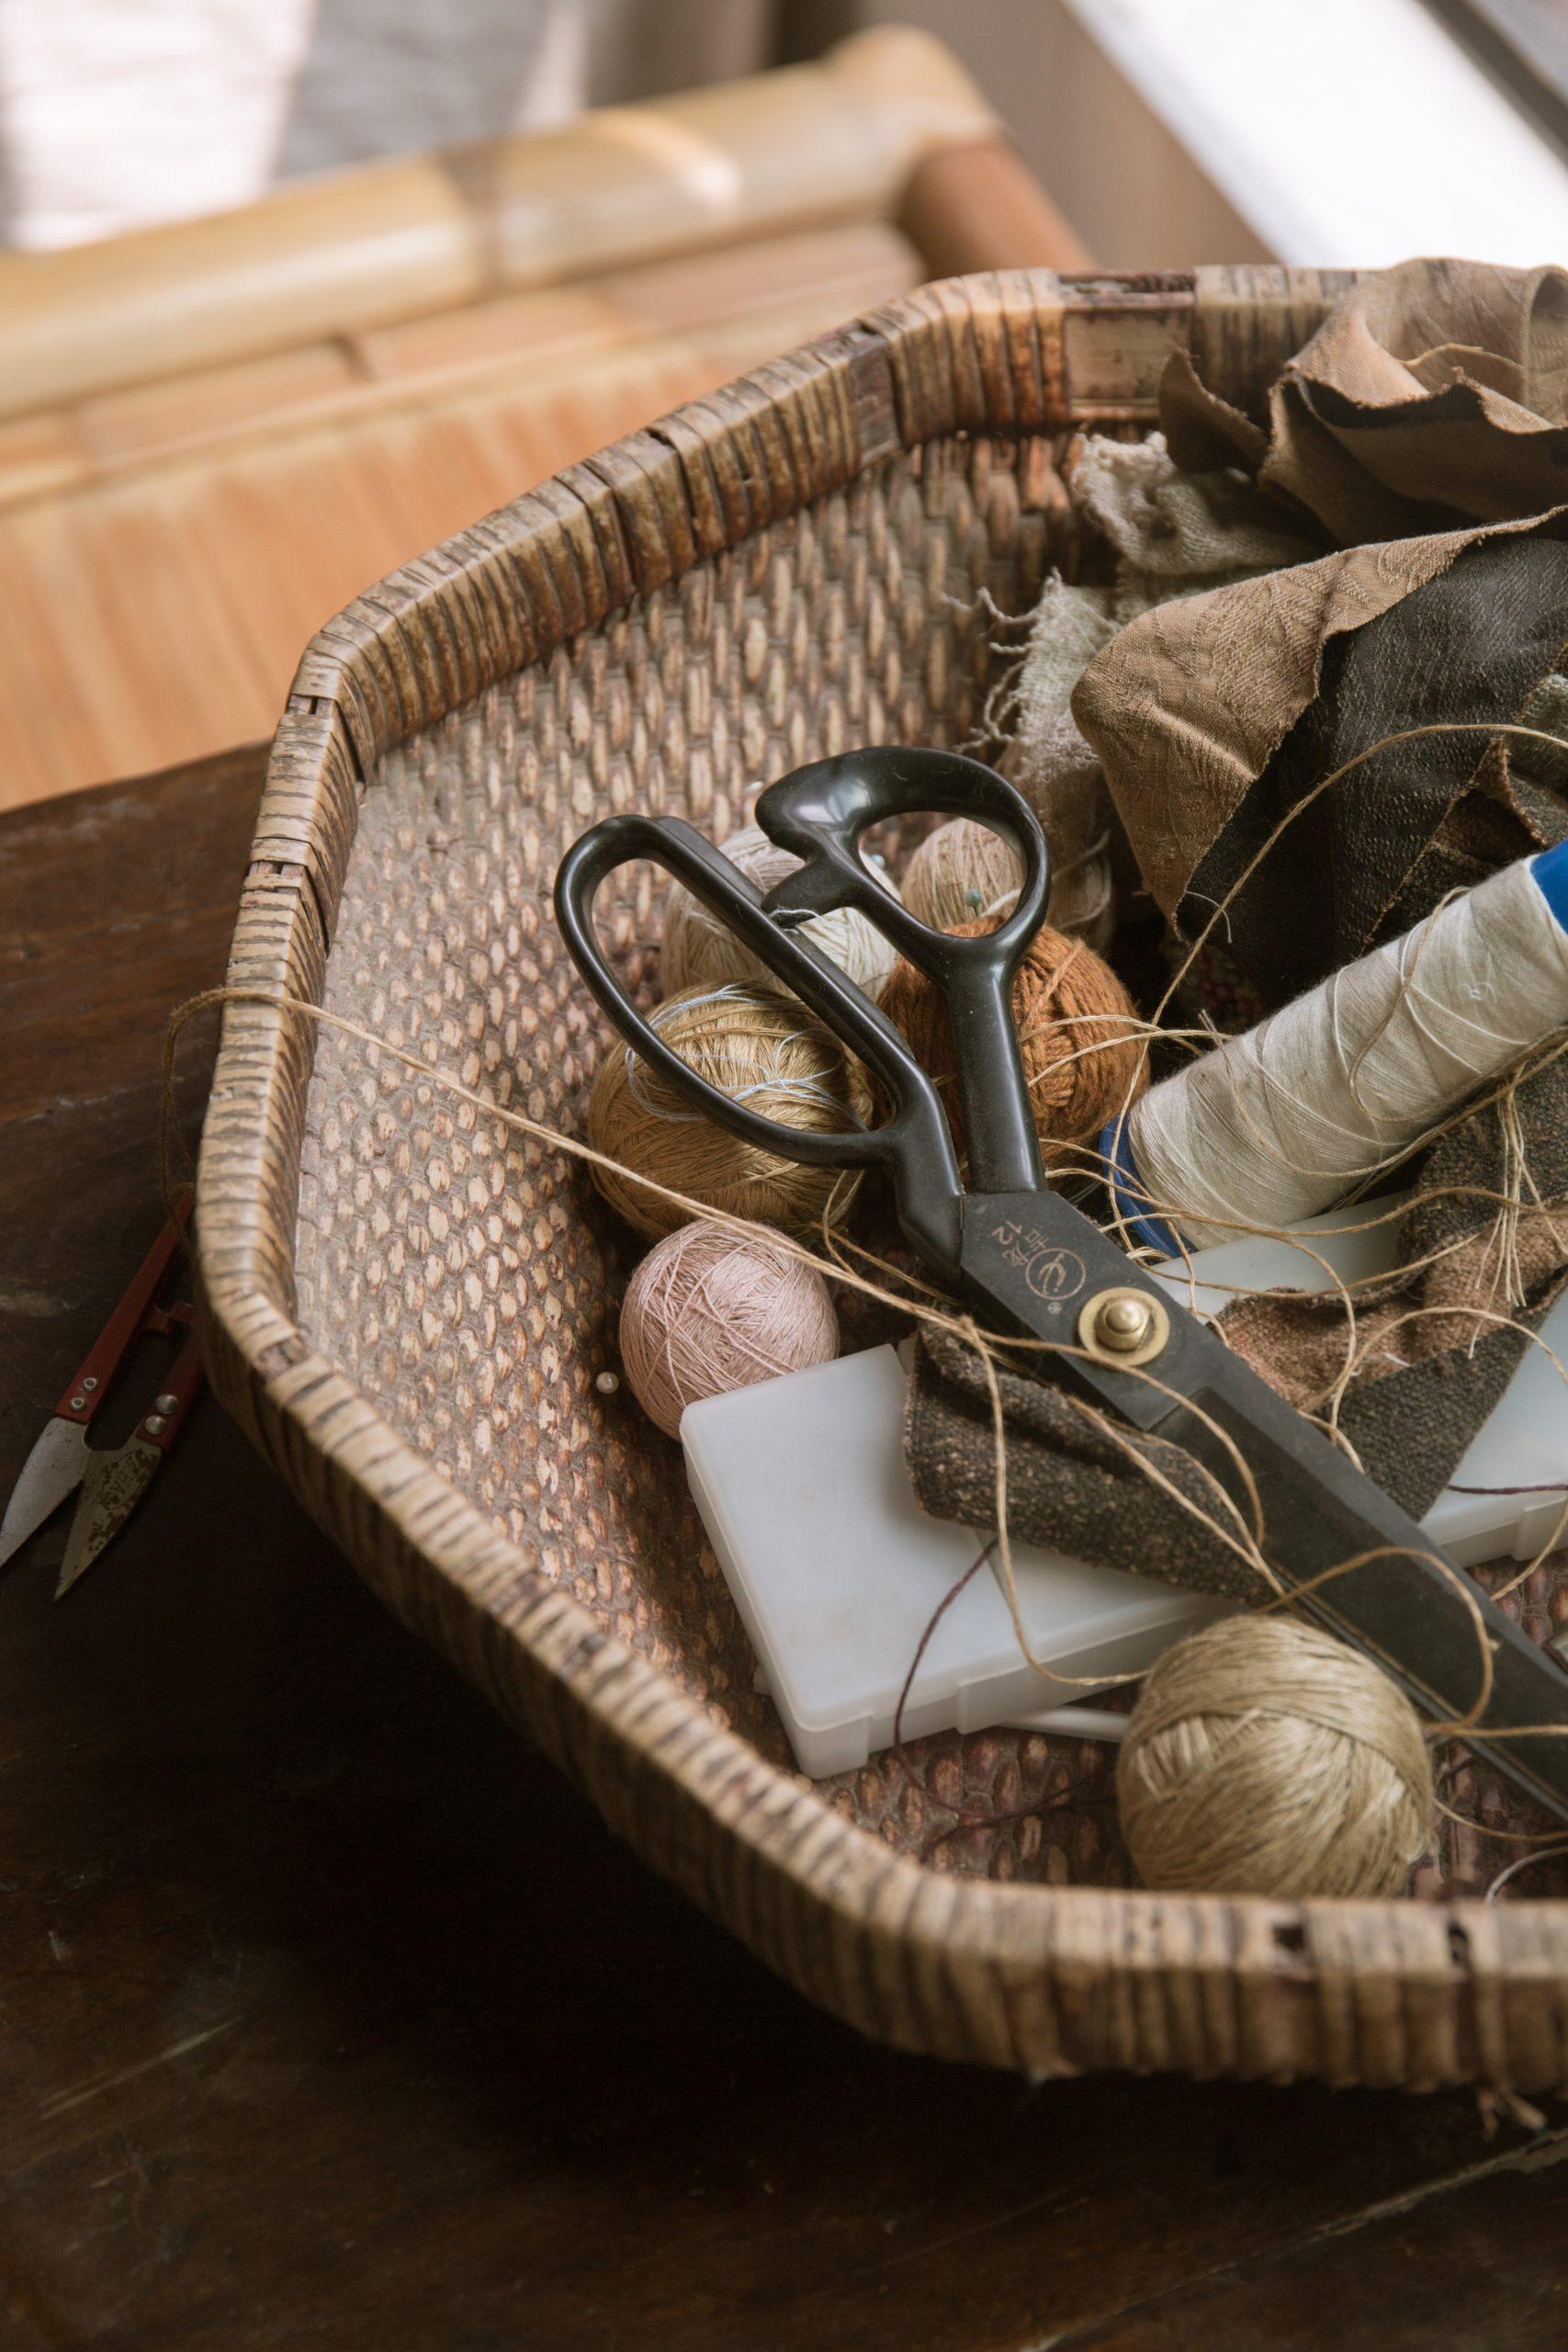 Panier remplit de matériel de couture utilisé pour la confection de vêtements Upcyclés